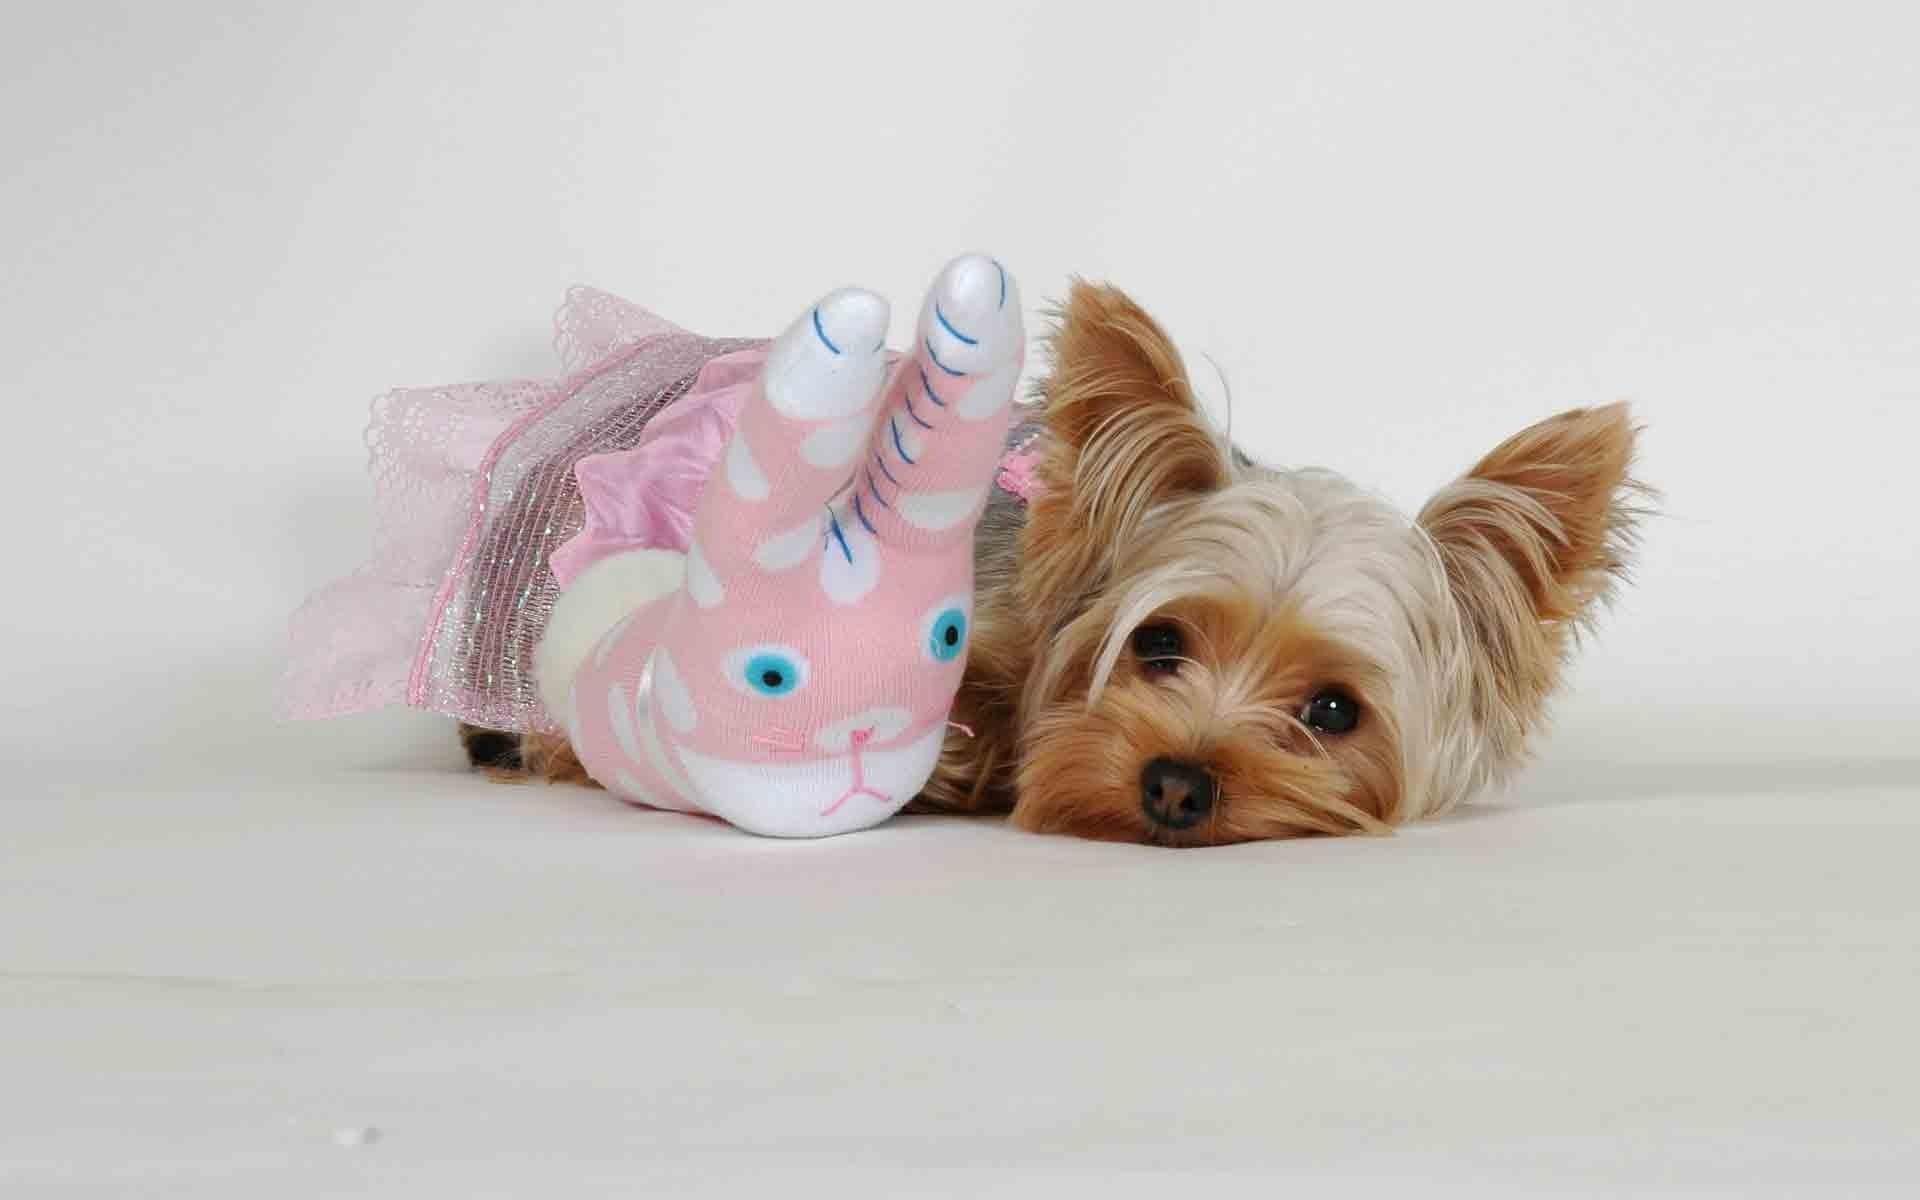 Fond D Ecran Yorkshire Terrier Jouet Visage Duveteux